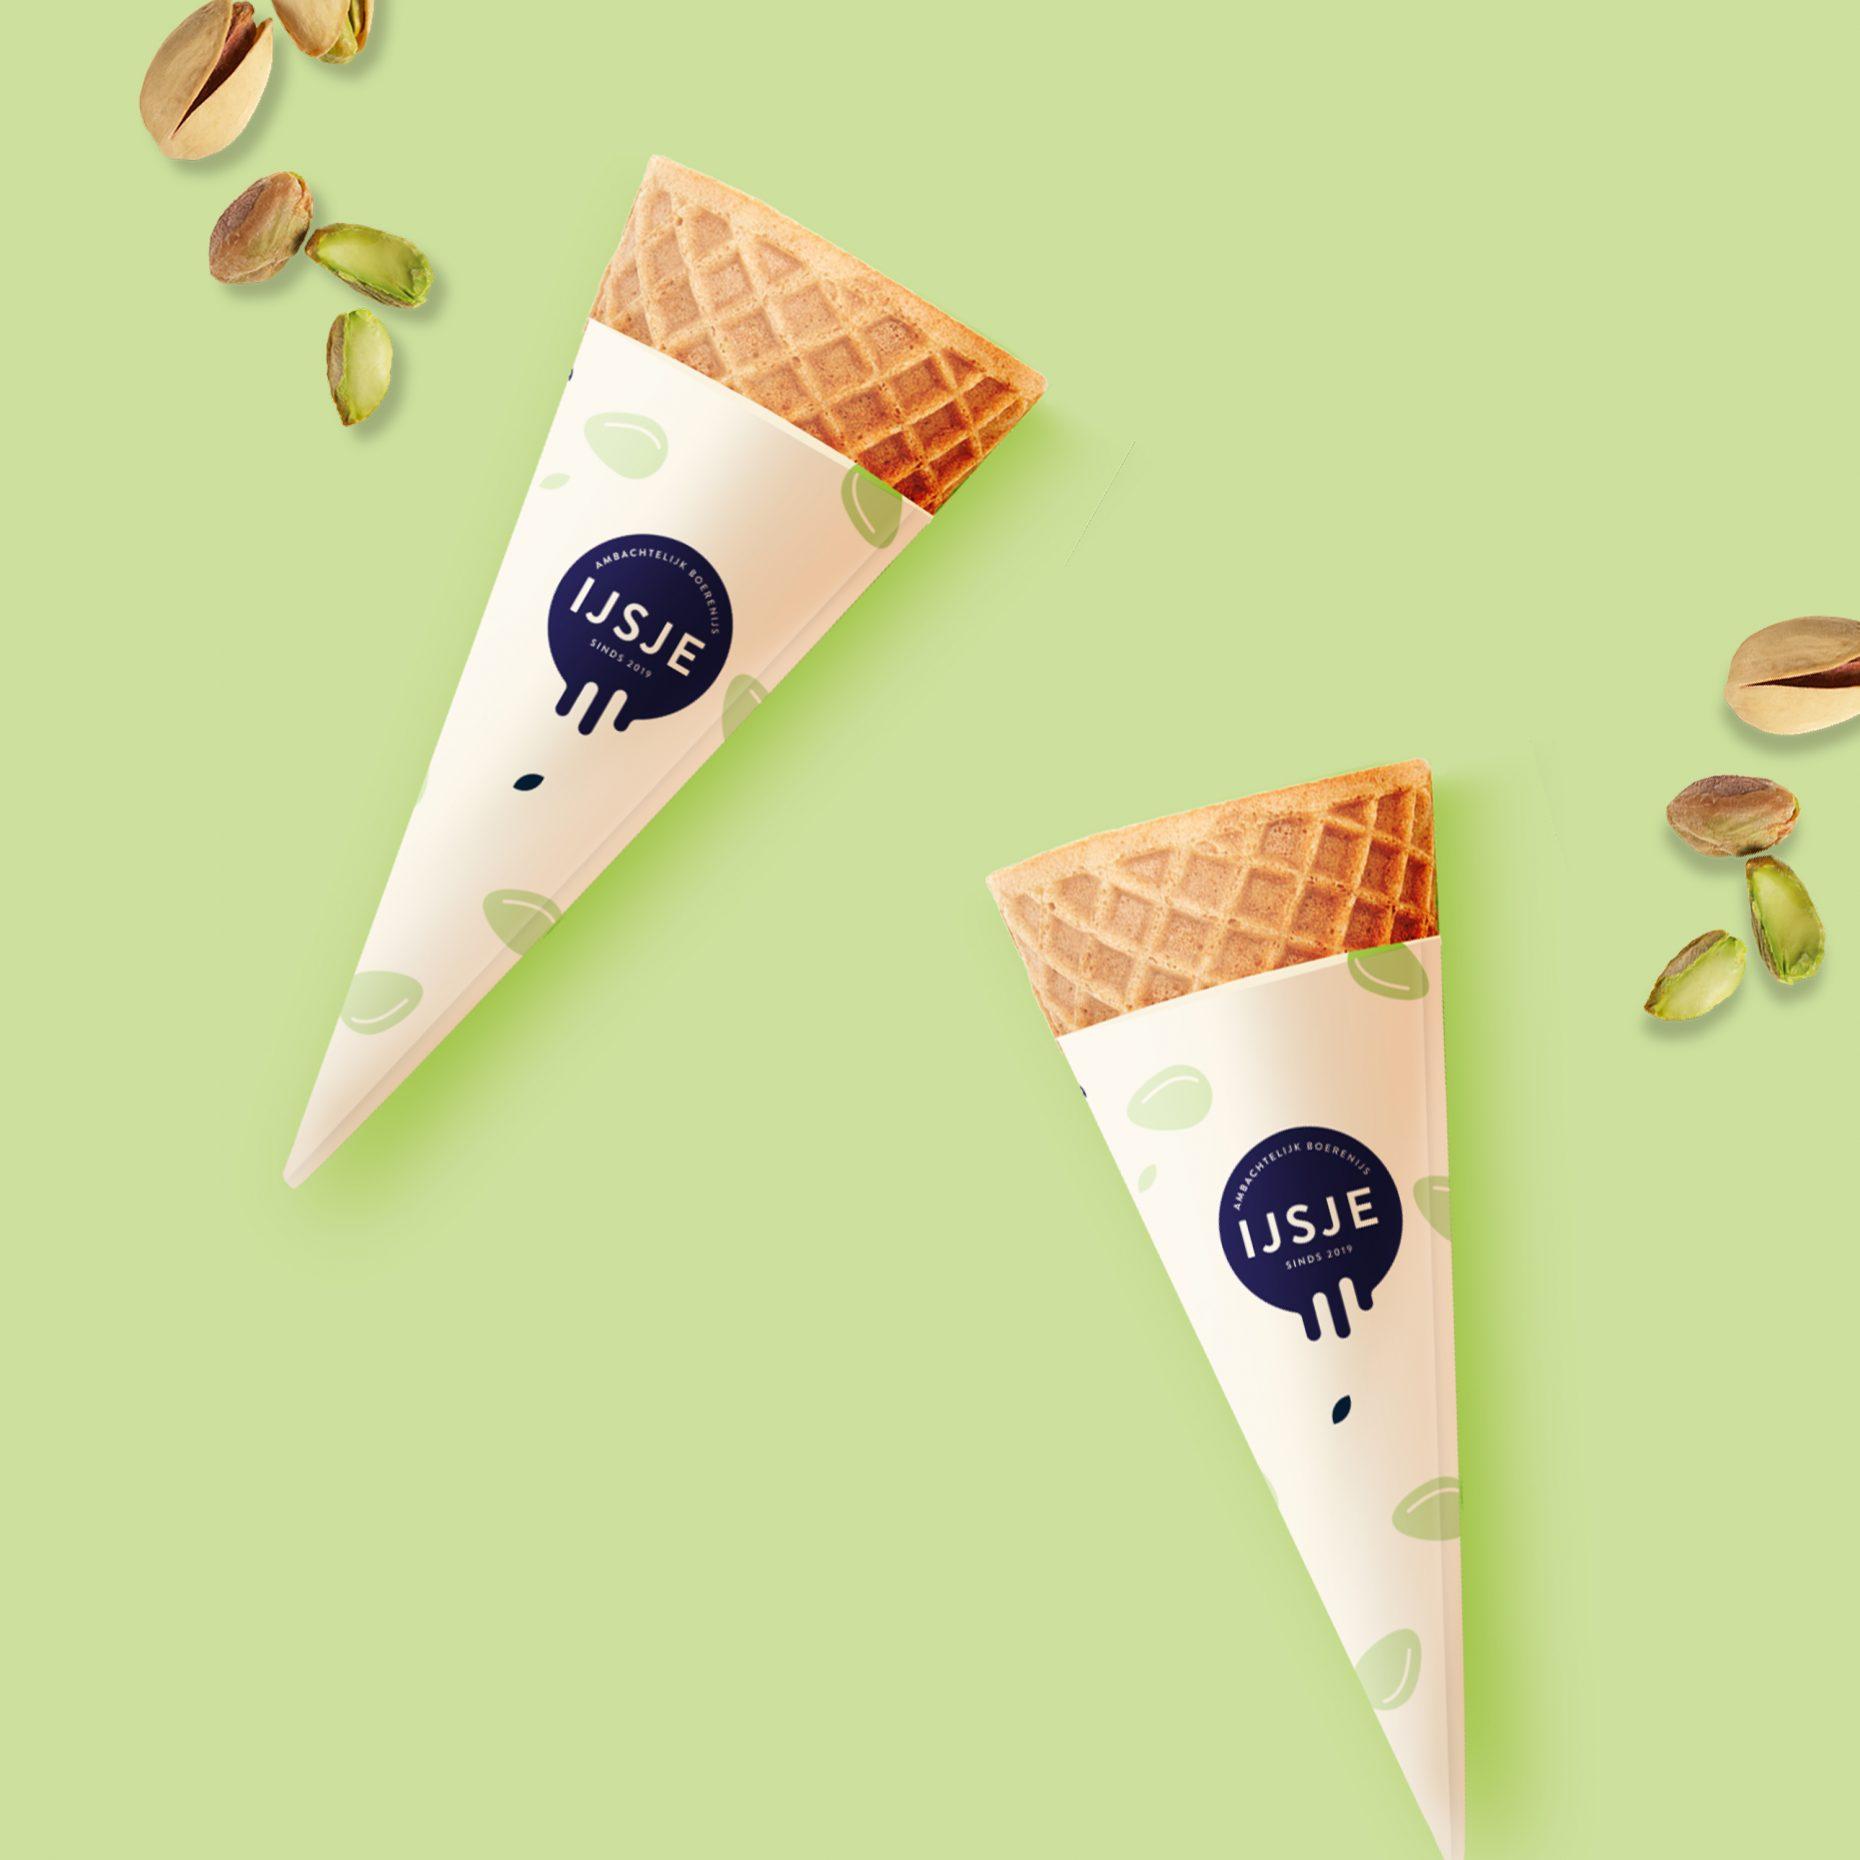 Pistache smaak ijsje mockup